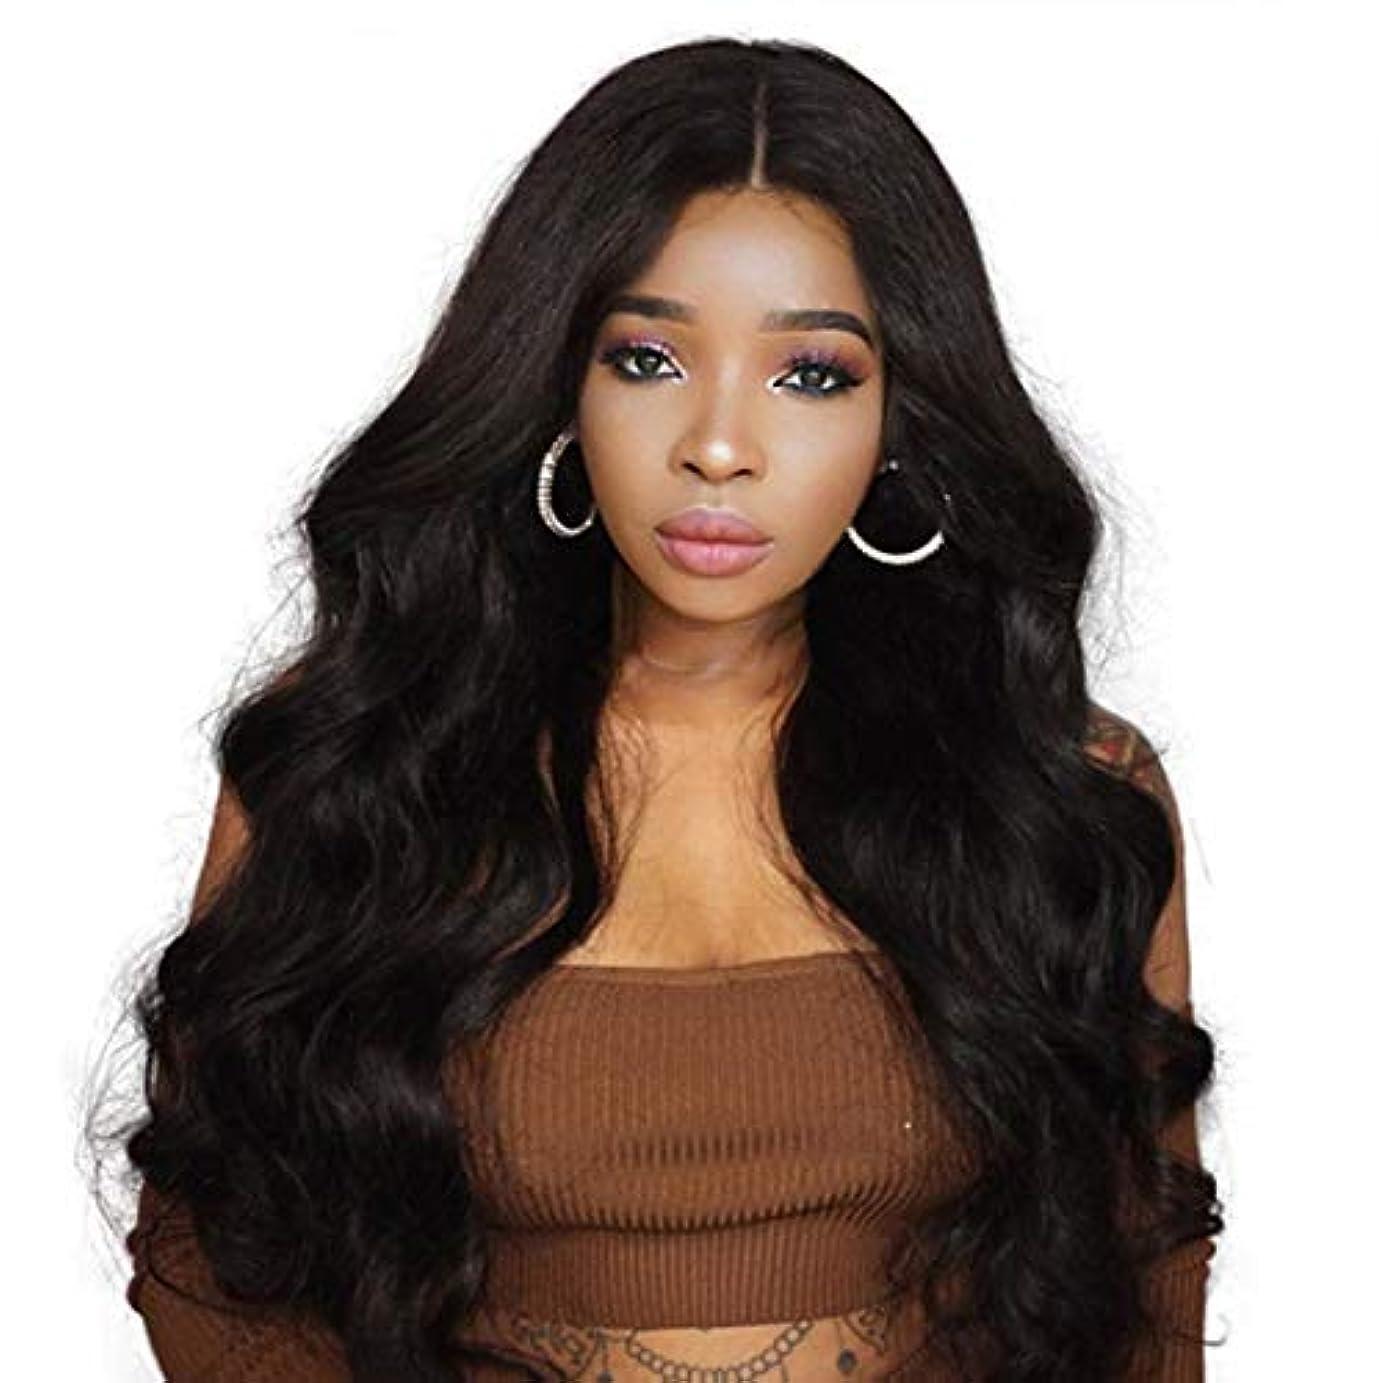 未知の心理学ただやるSummerys 黒人女性のための長い波状の合成かつらカーリー合成かつら